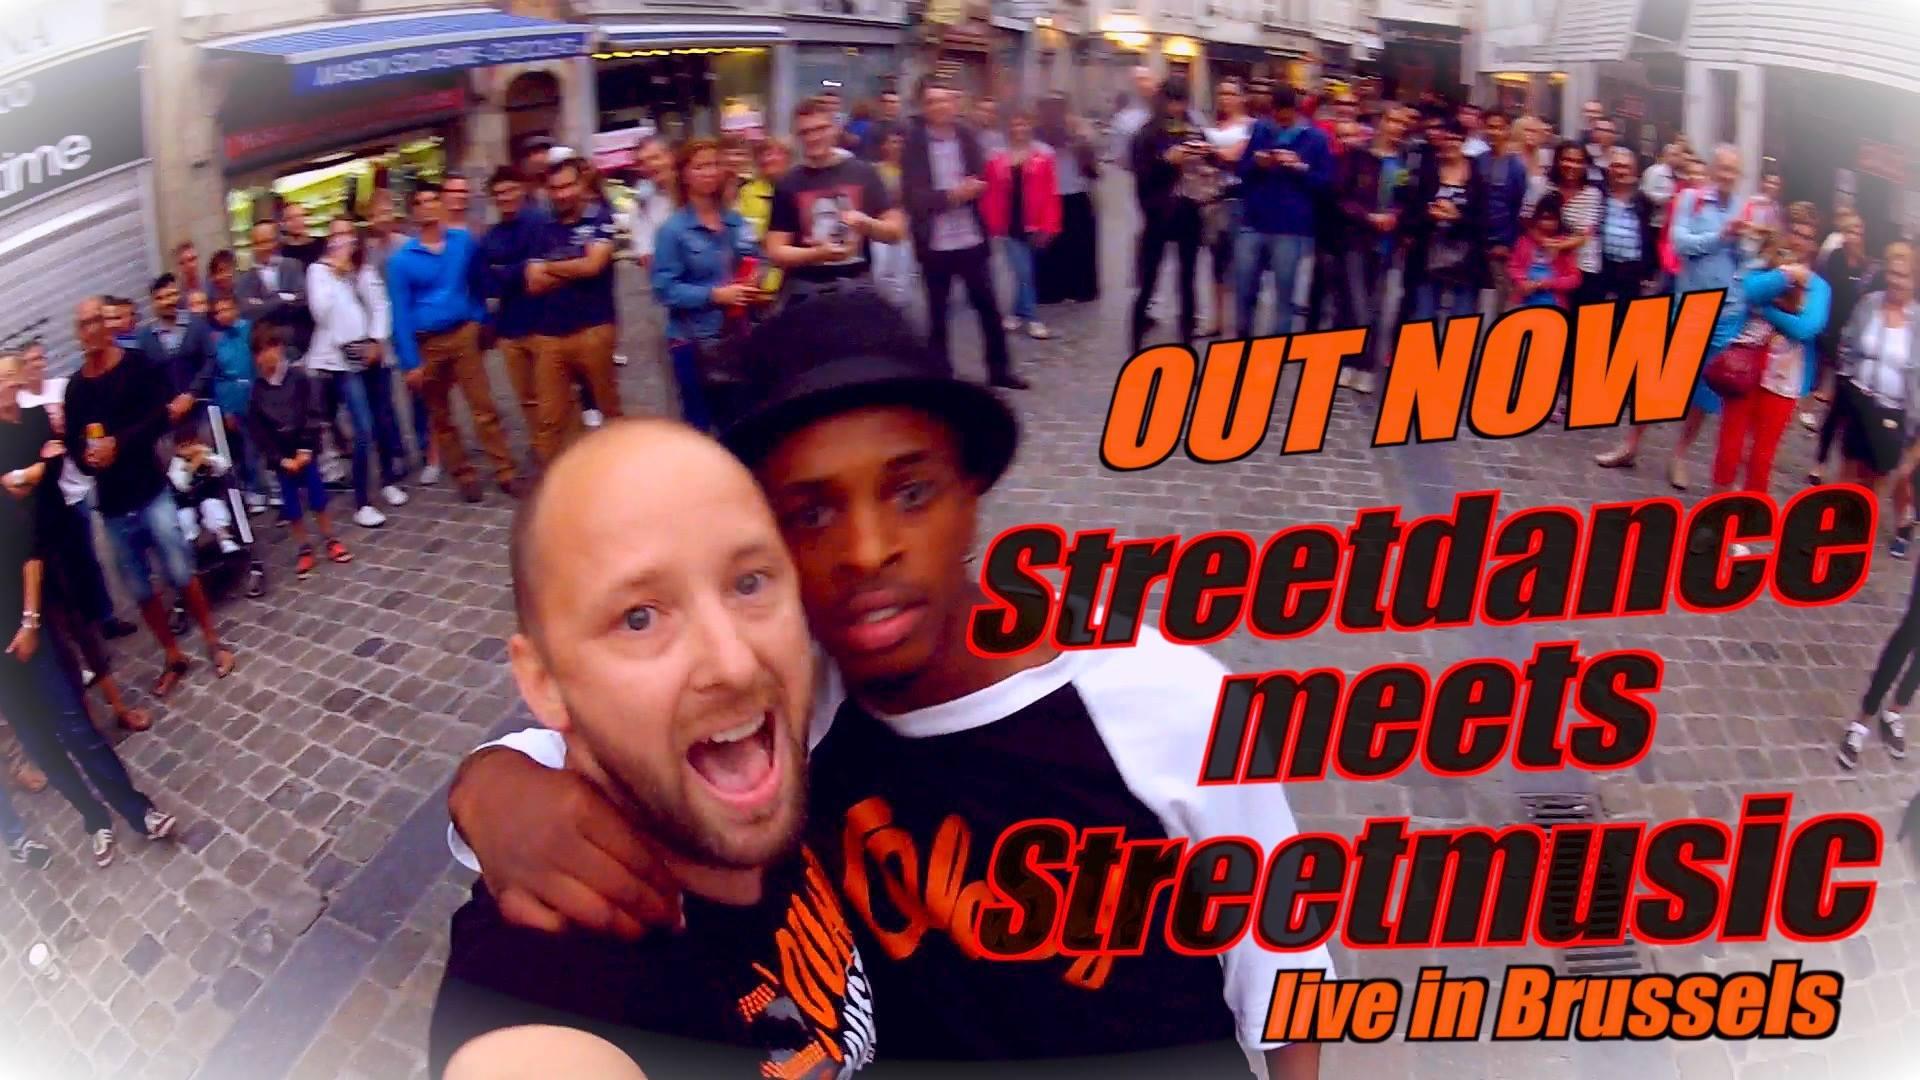 Georg Viktor Emmanuel - STREETDANCE meets STREETMUSIC - live in #Brussels // Video / #findthisdancer